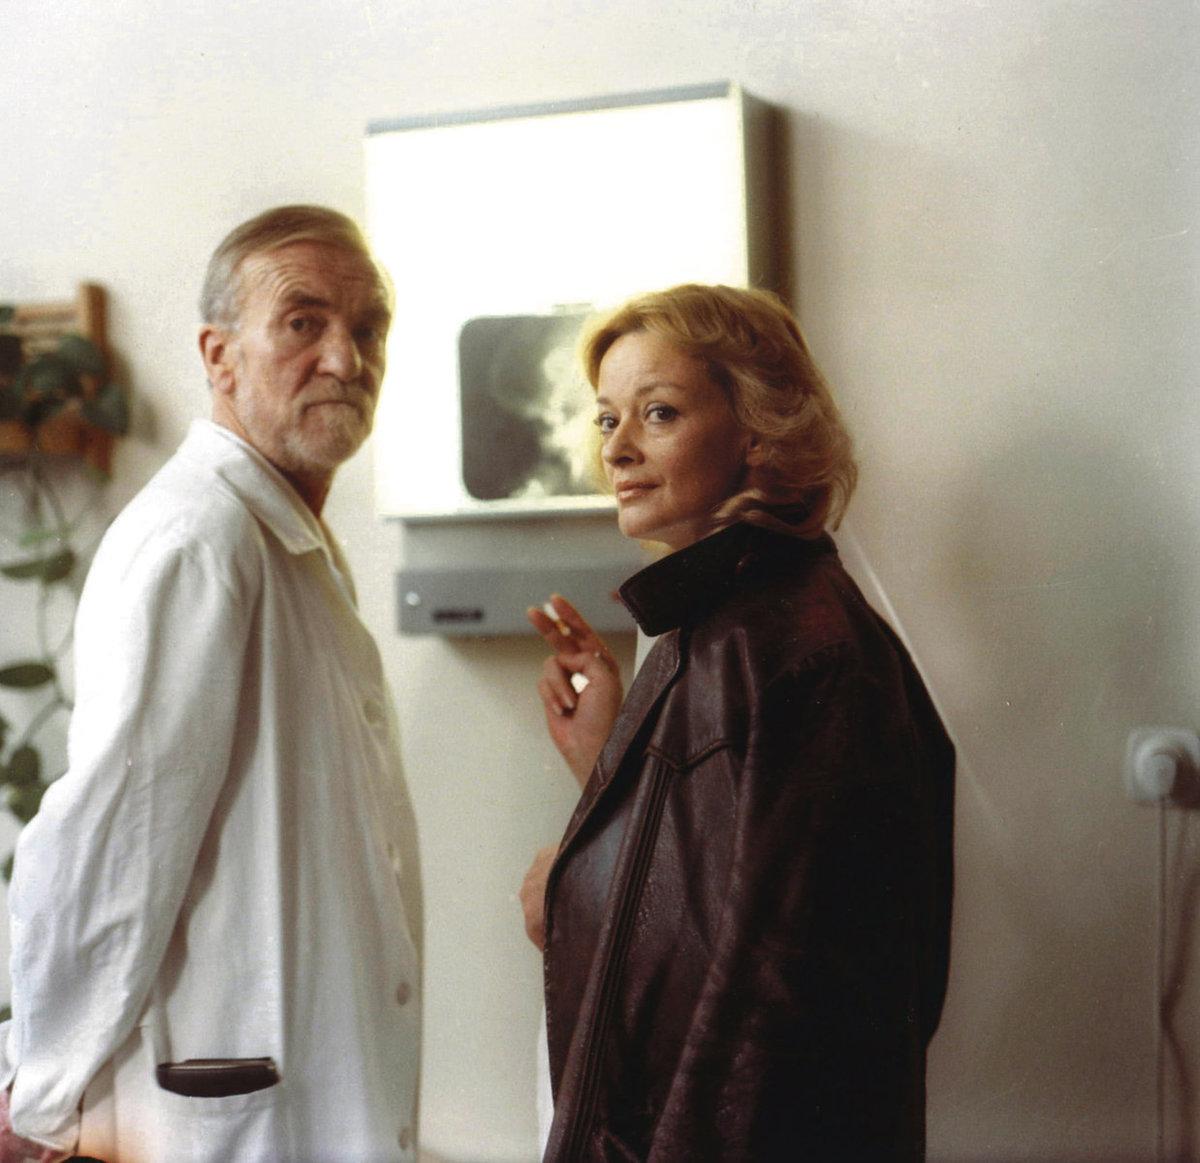 Skalpel, prosím (1985): Divácky oblíbený film podle románu Valji Stýblové o vrcholných neurochirurgických operacích. Brejchová si zahrála lékařku.